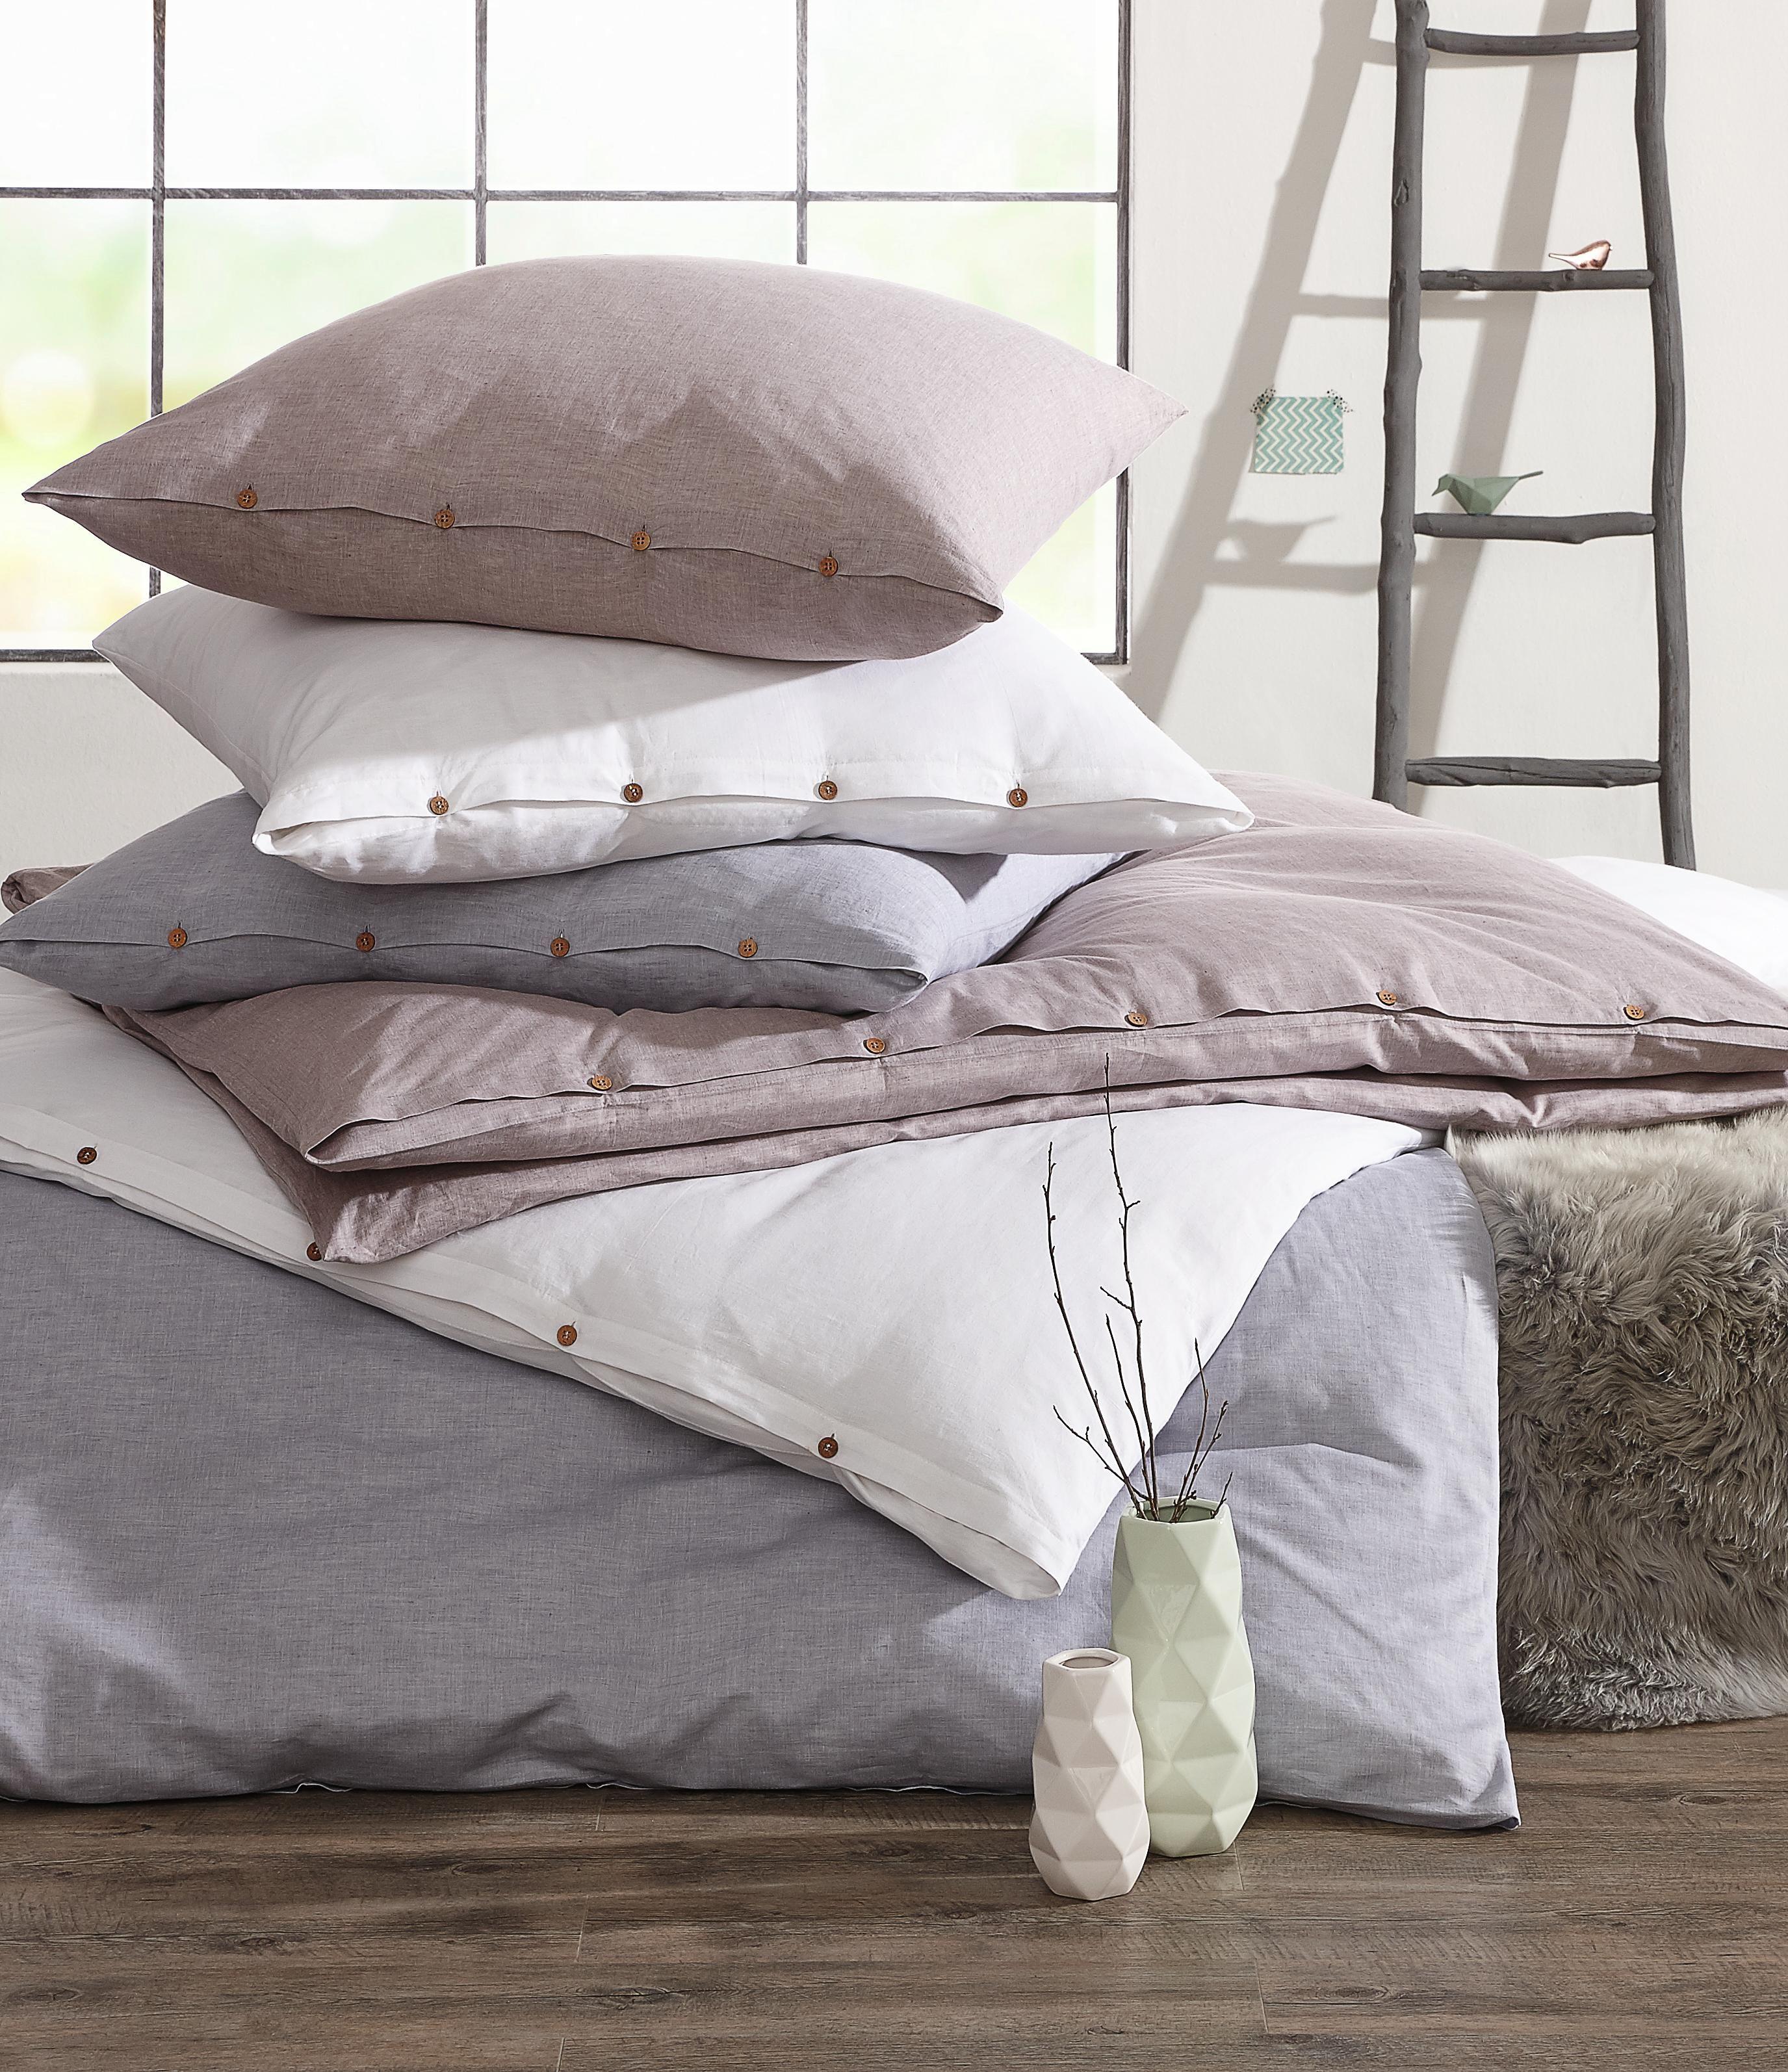 Bettwasche Silberfarben 135 200 Cm Weisse Bettwasche Bettwasche